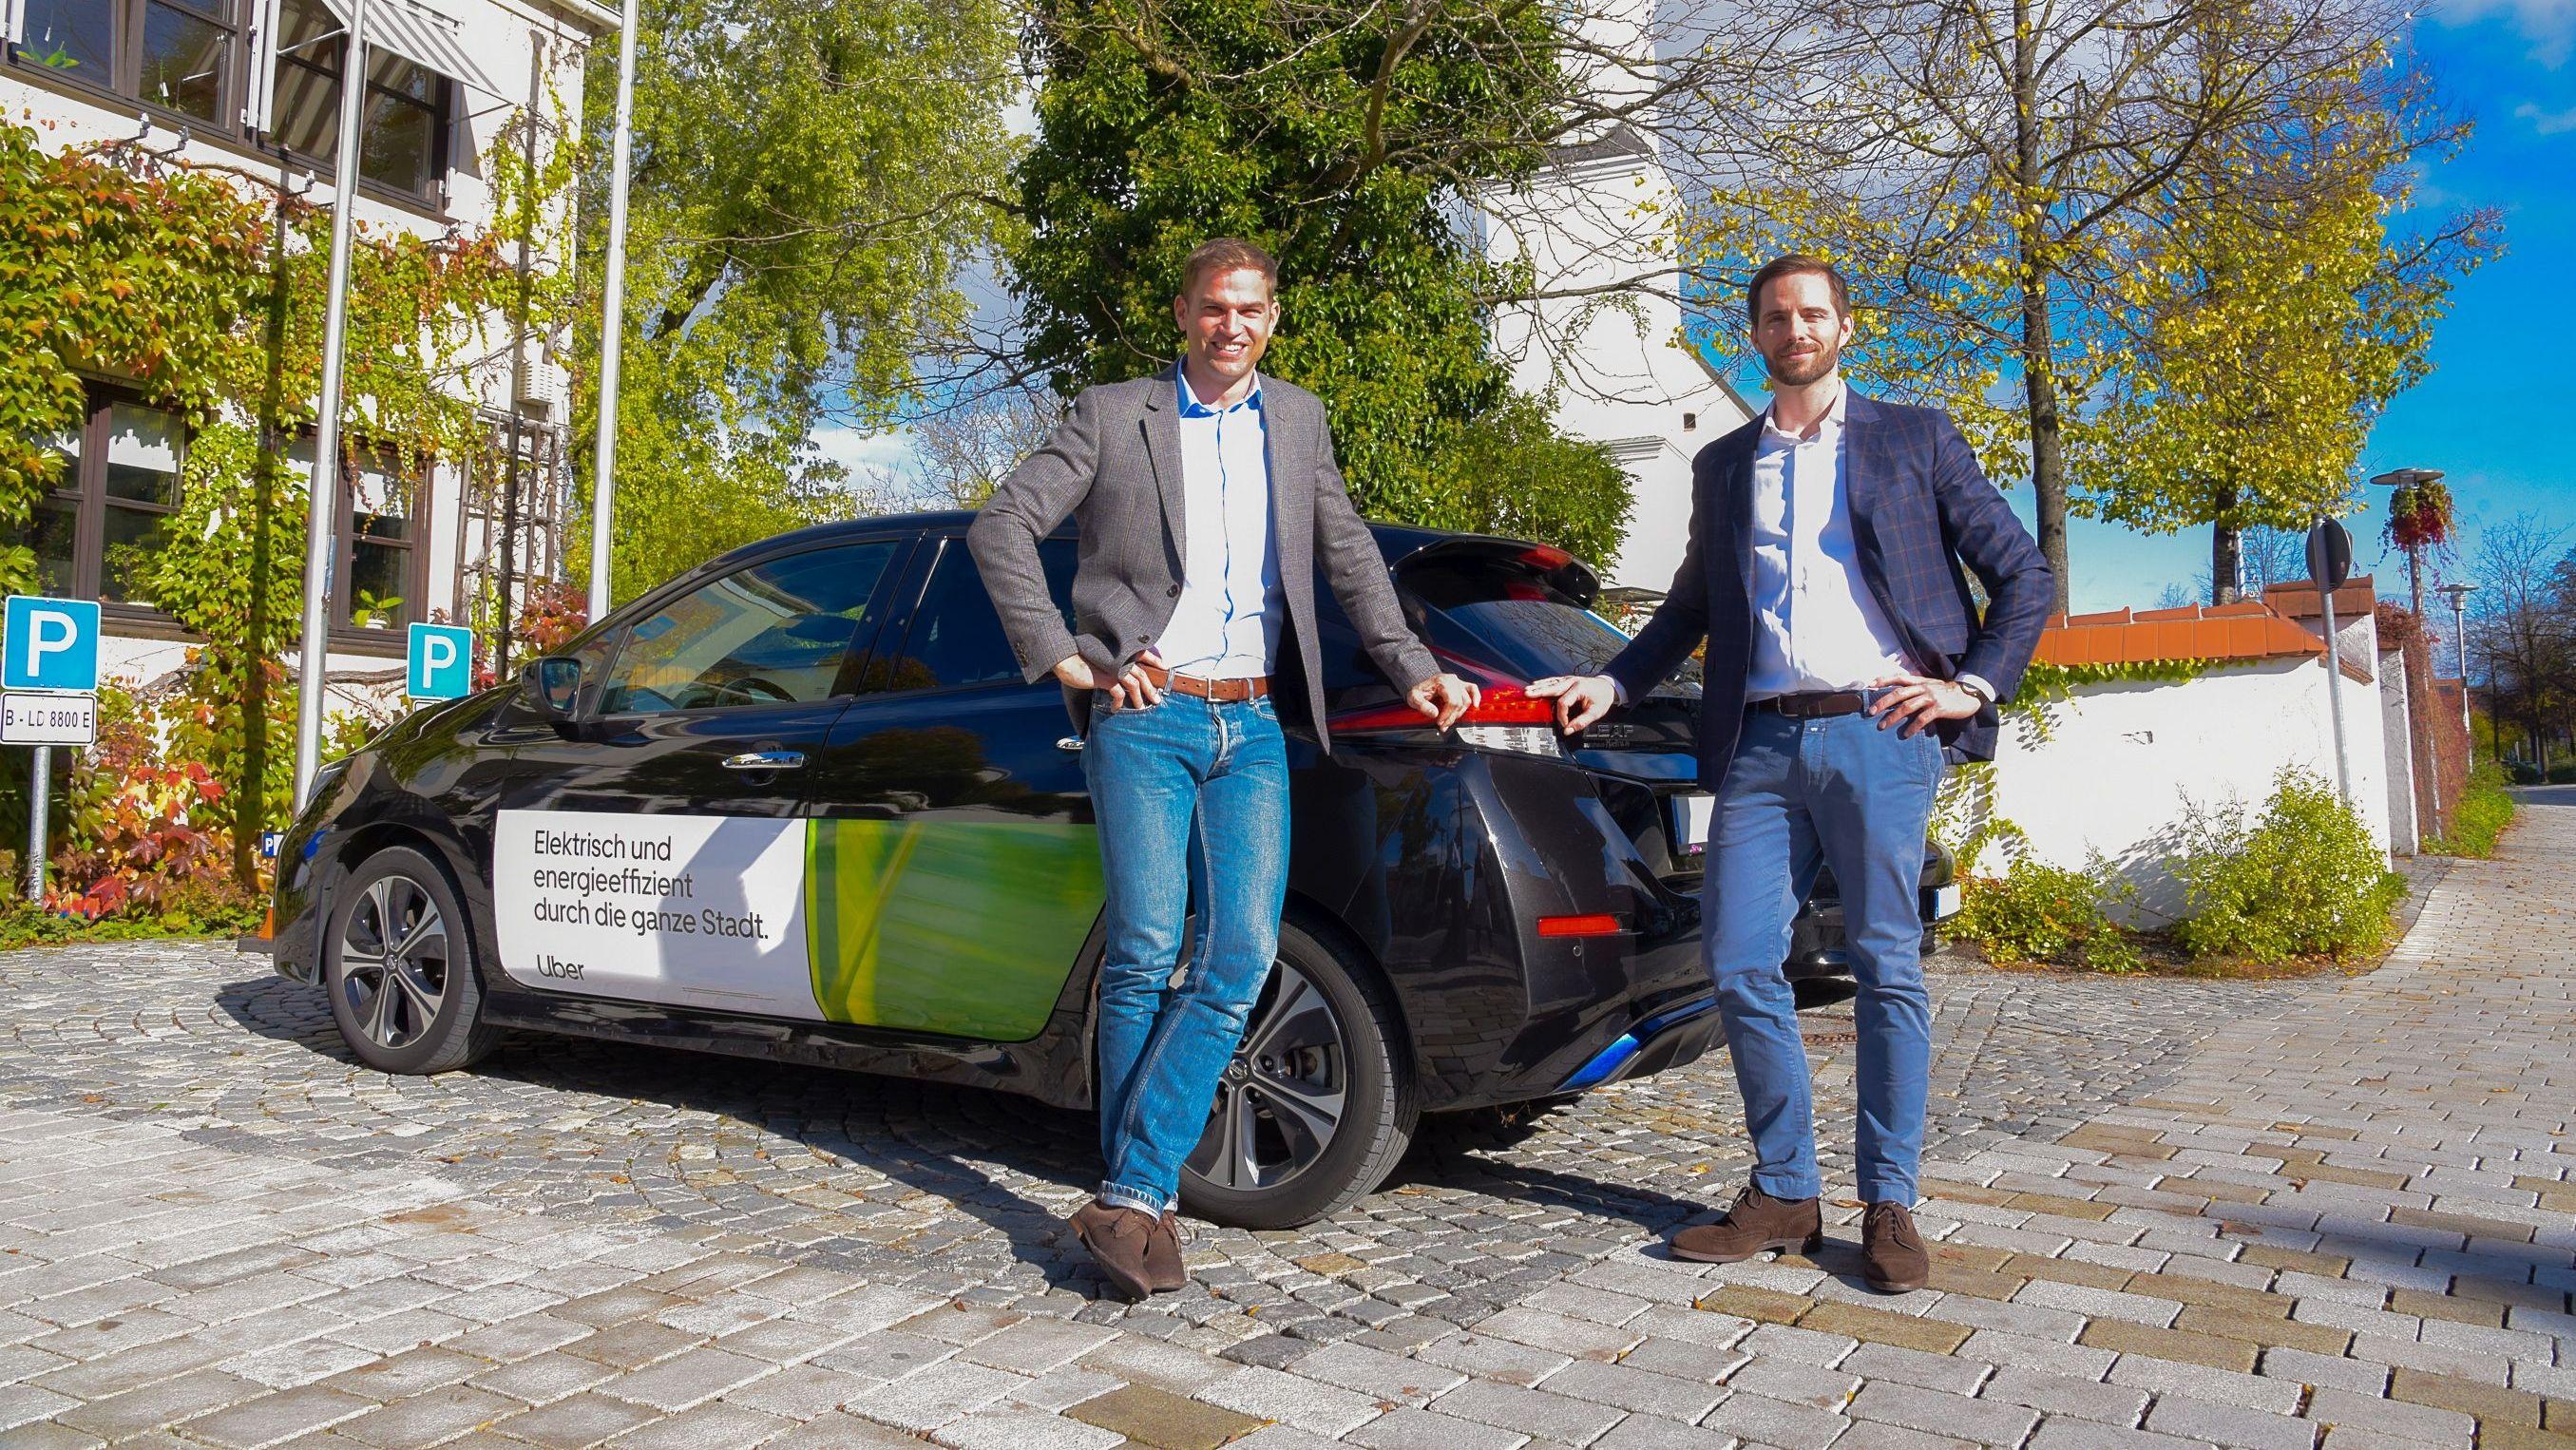 Kirchheims 1. Bürgermeister Maximilian Böltl und der General Manager von Uber in Deutschland, Christoph Weigler vor einem Werbe-Pkw